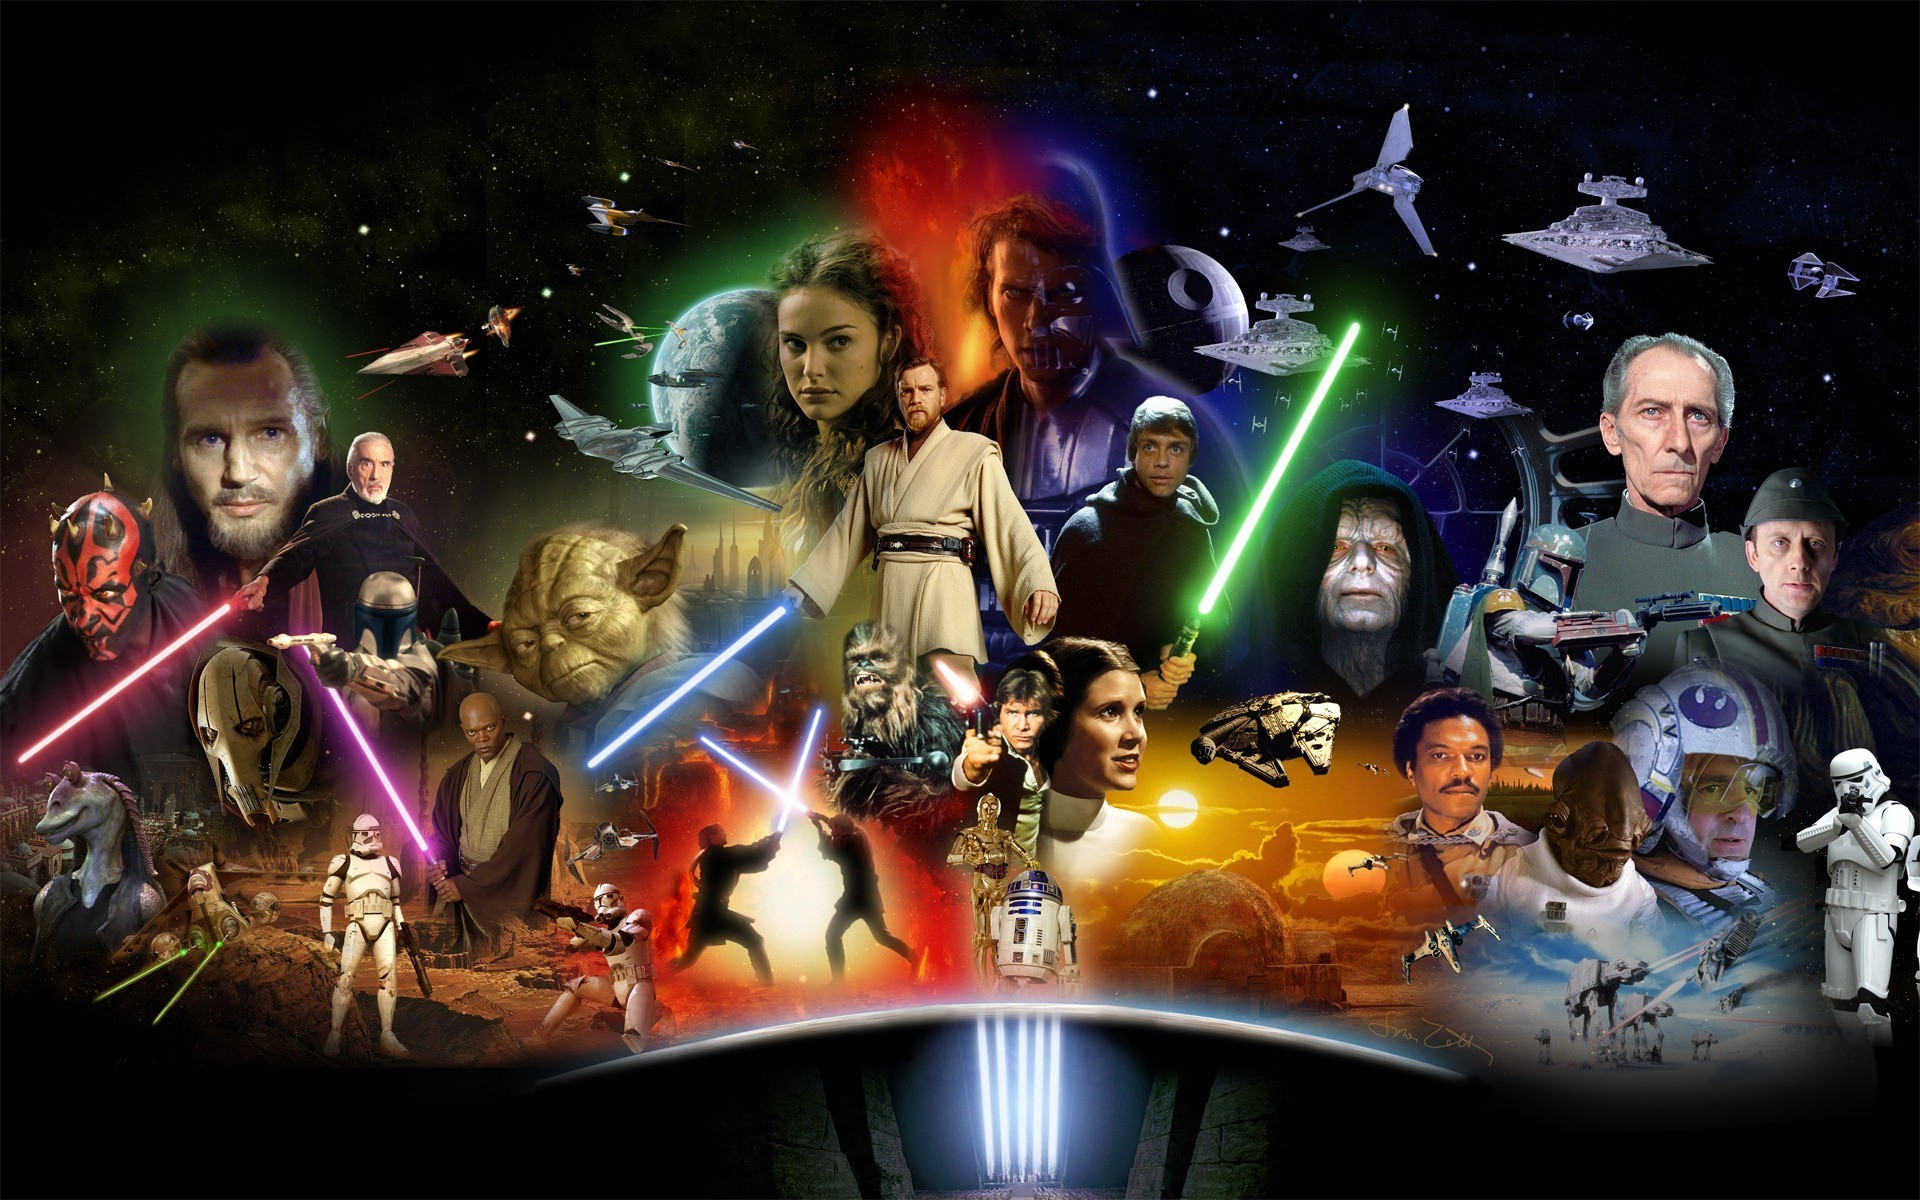 Star Wars Novel Timeline - All